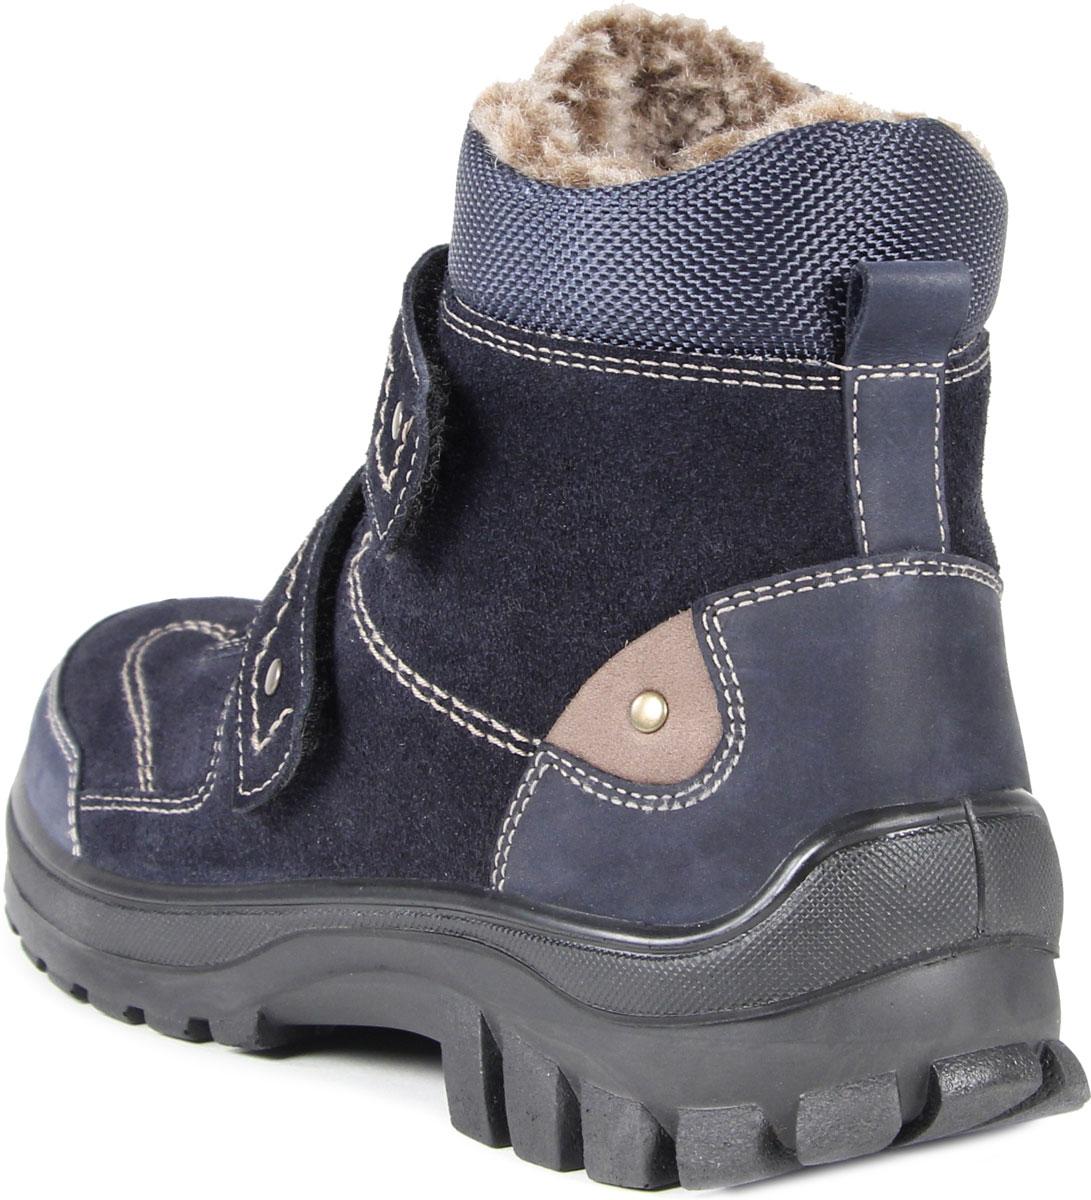 Ботинки для мальчика San Marko, цвет: черный. 62122. Размер 33